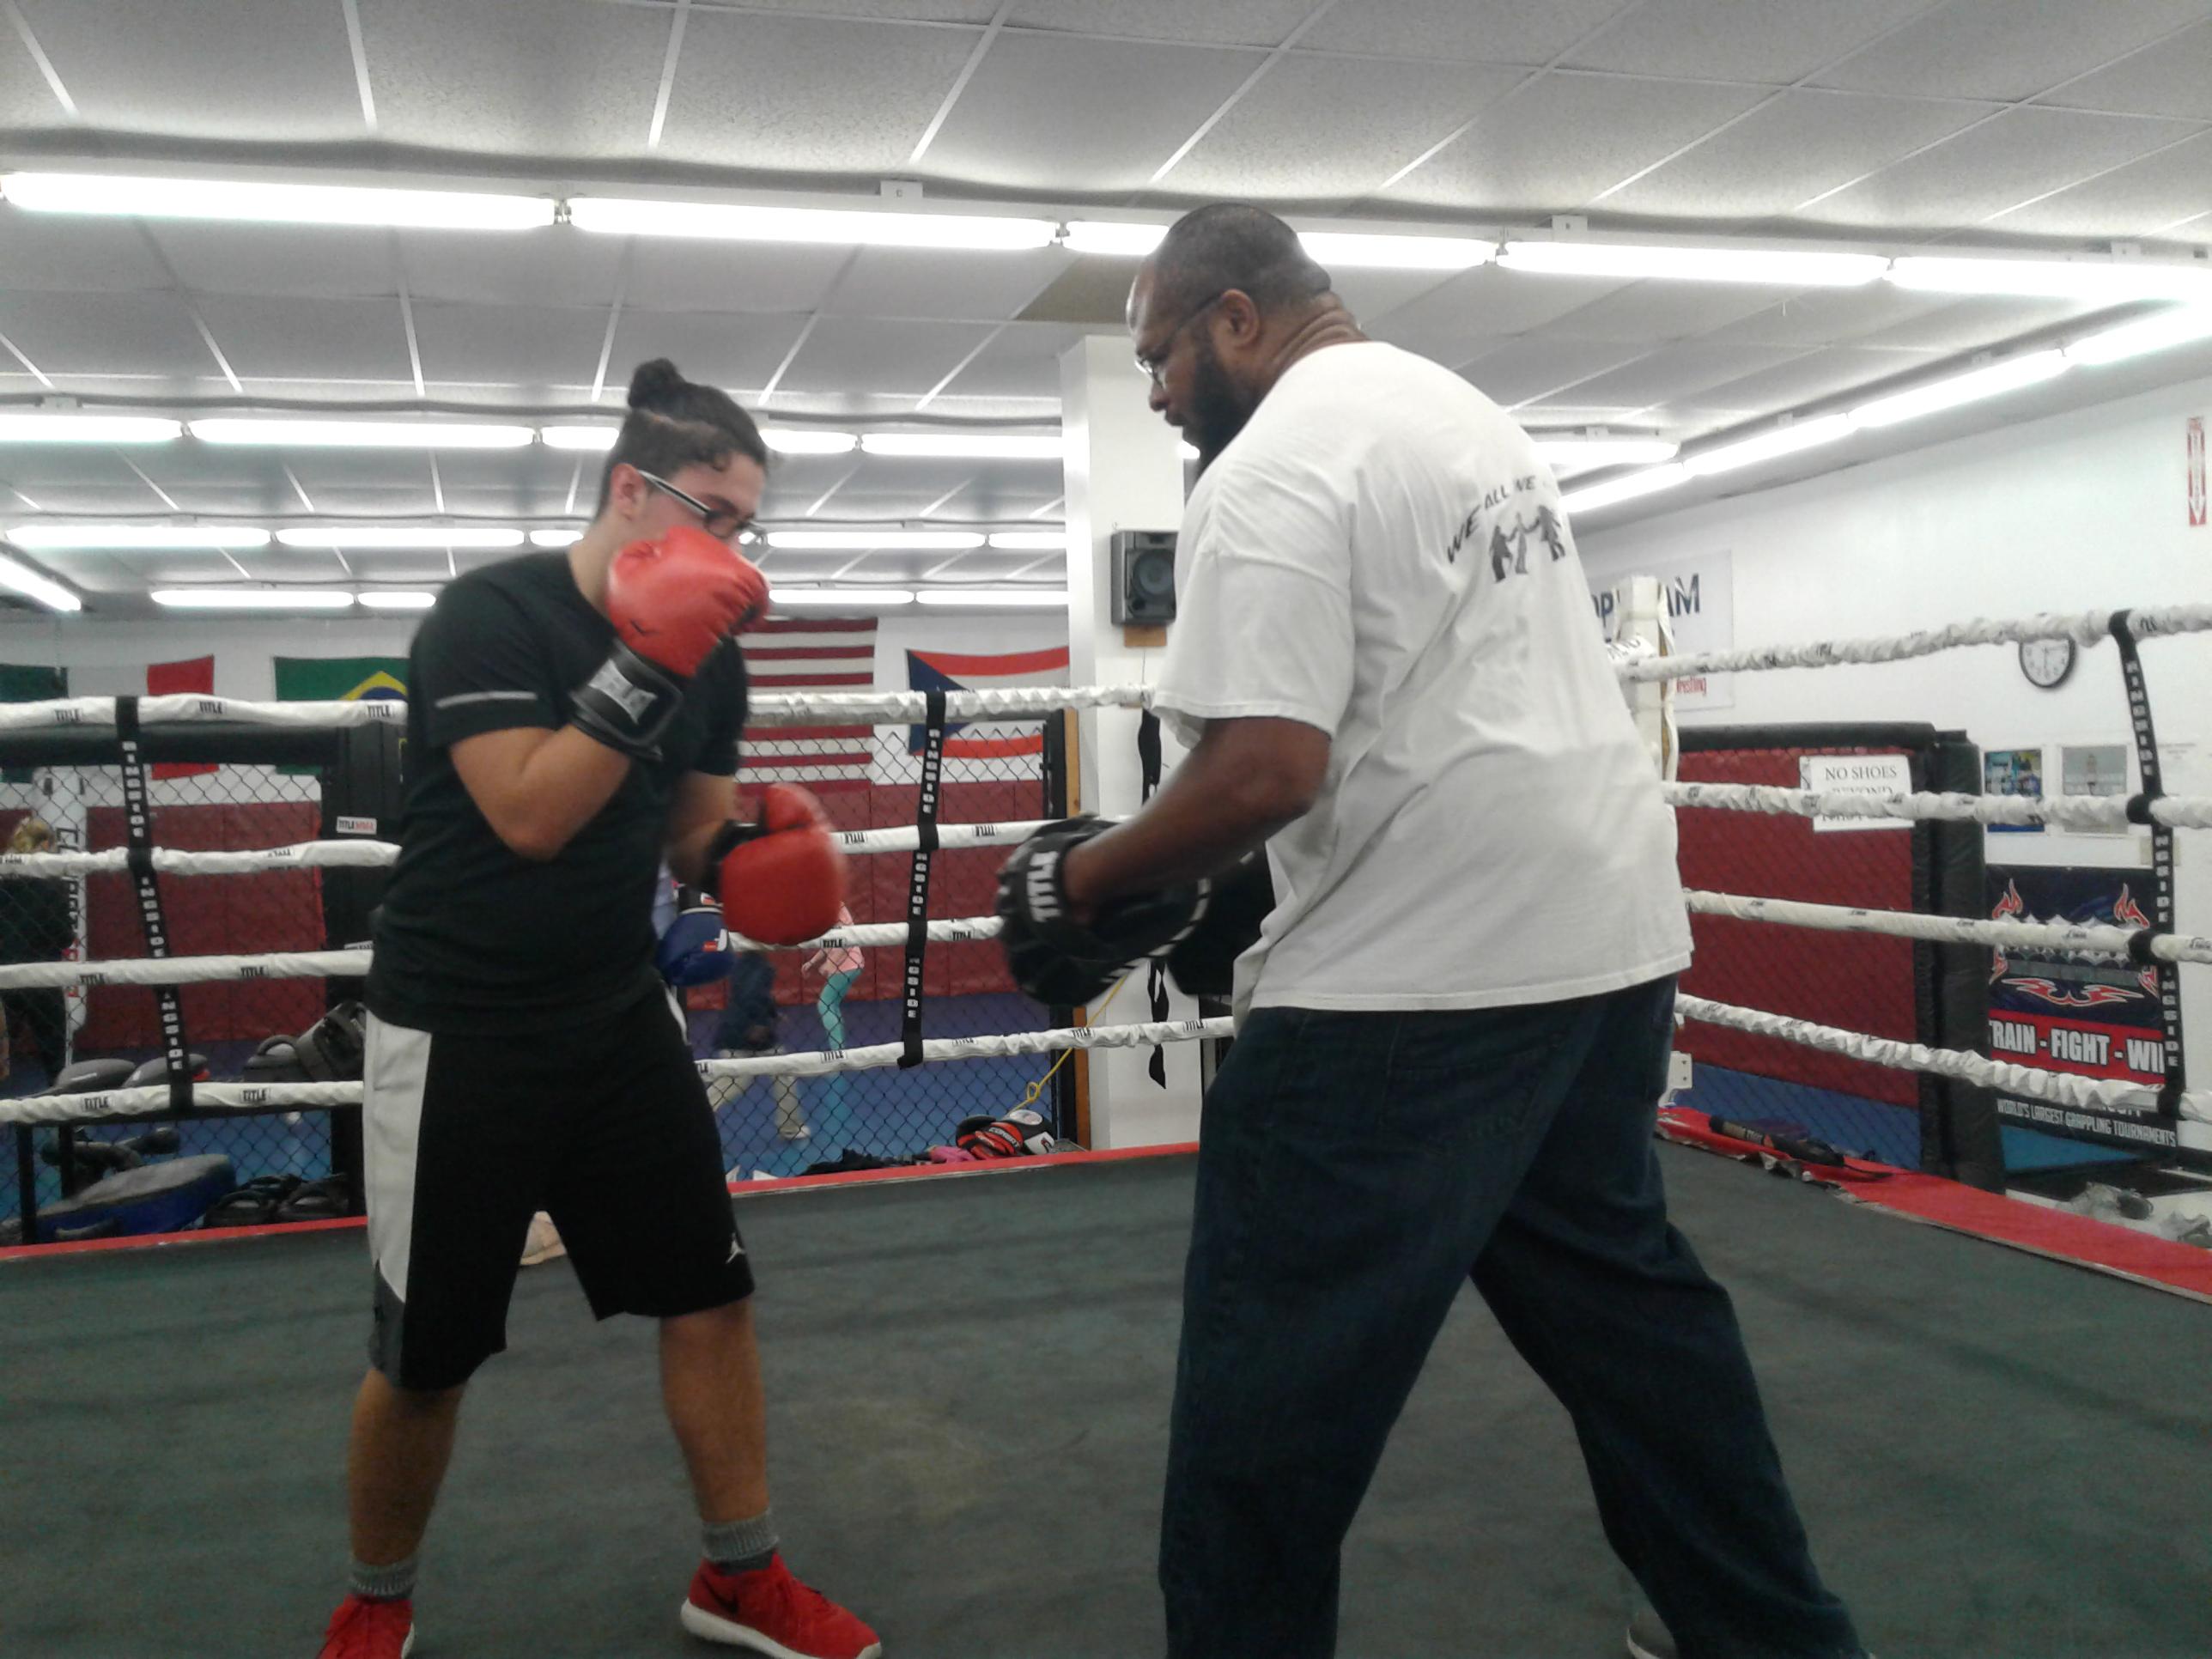 Lamon teaching at gym.jpg